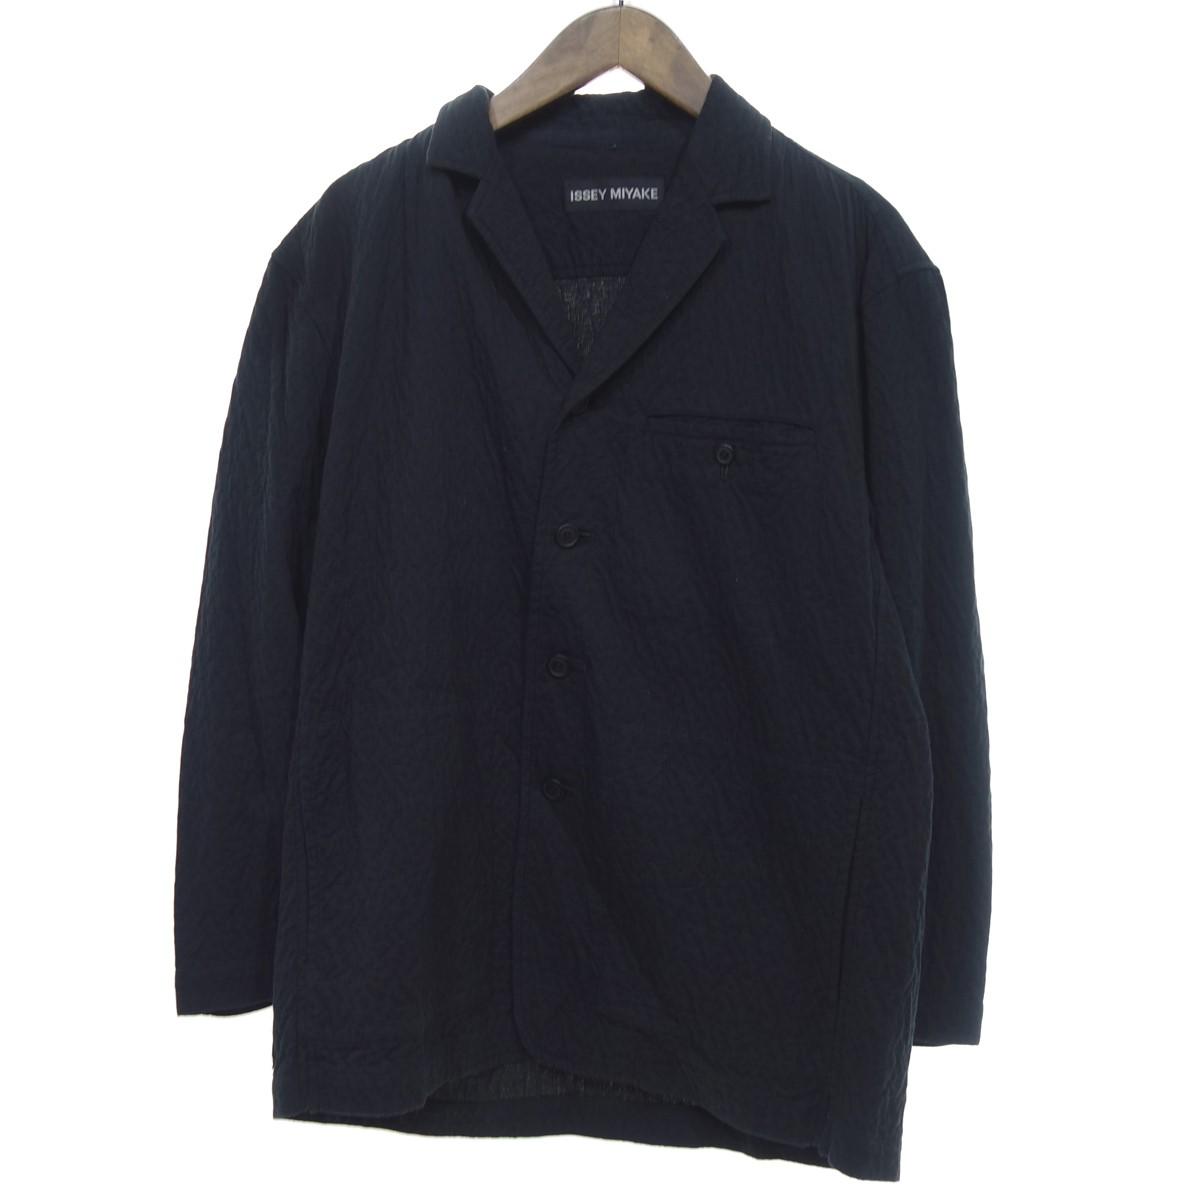 【中古】ISSEY MIYAKE シワ加工 テーラードジャケット ブラック サイズ:1 【050420】(イッセイミヤケ)